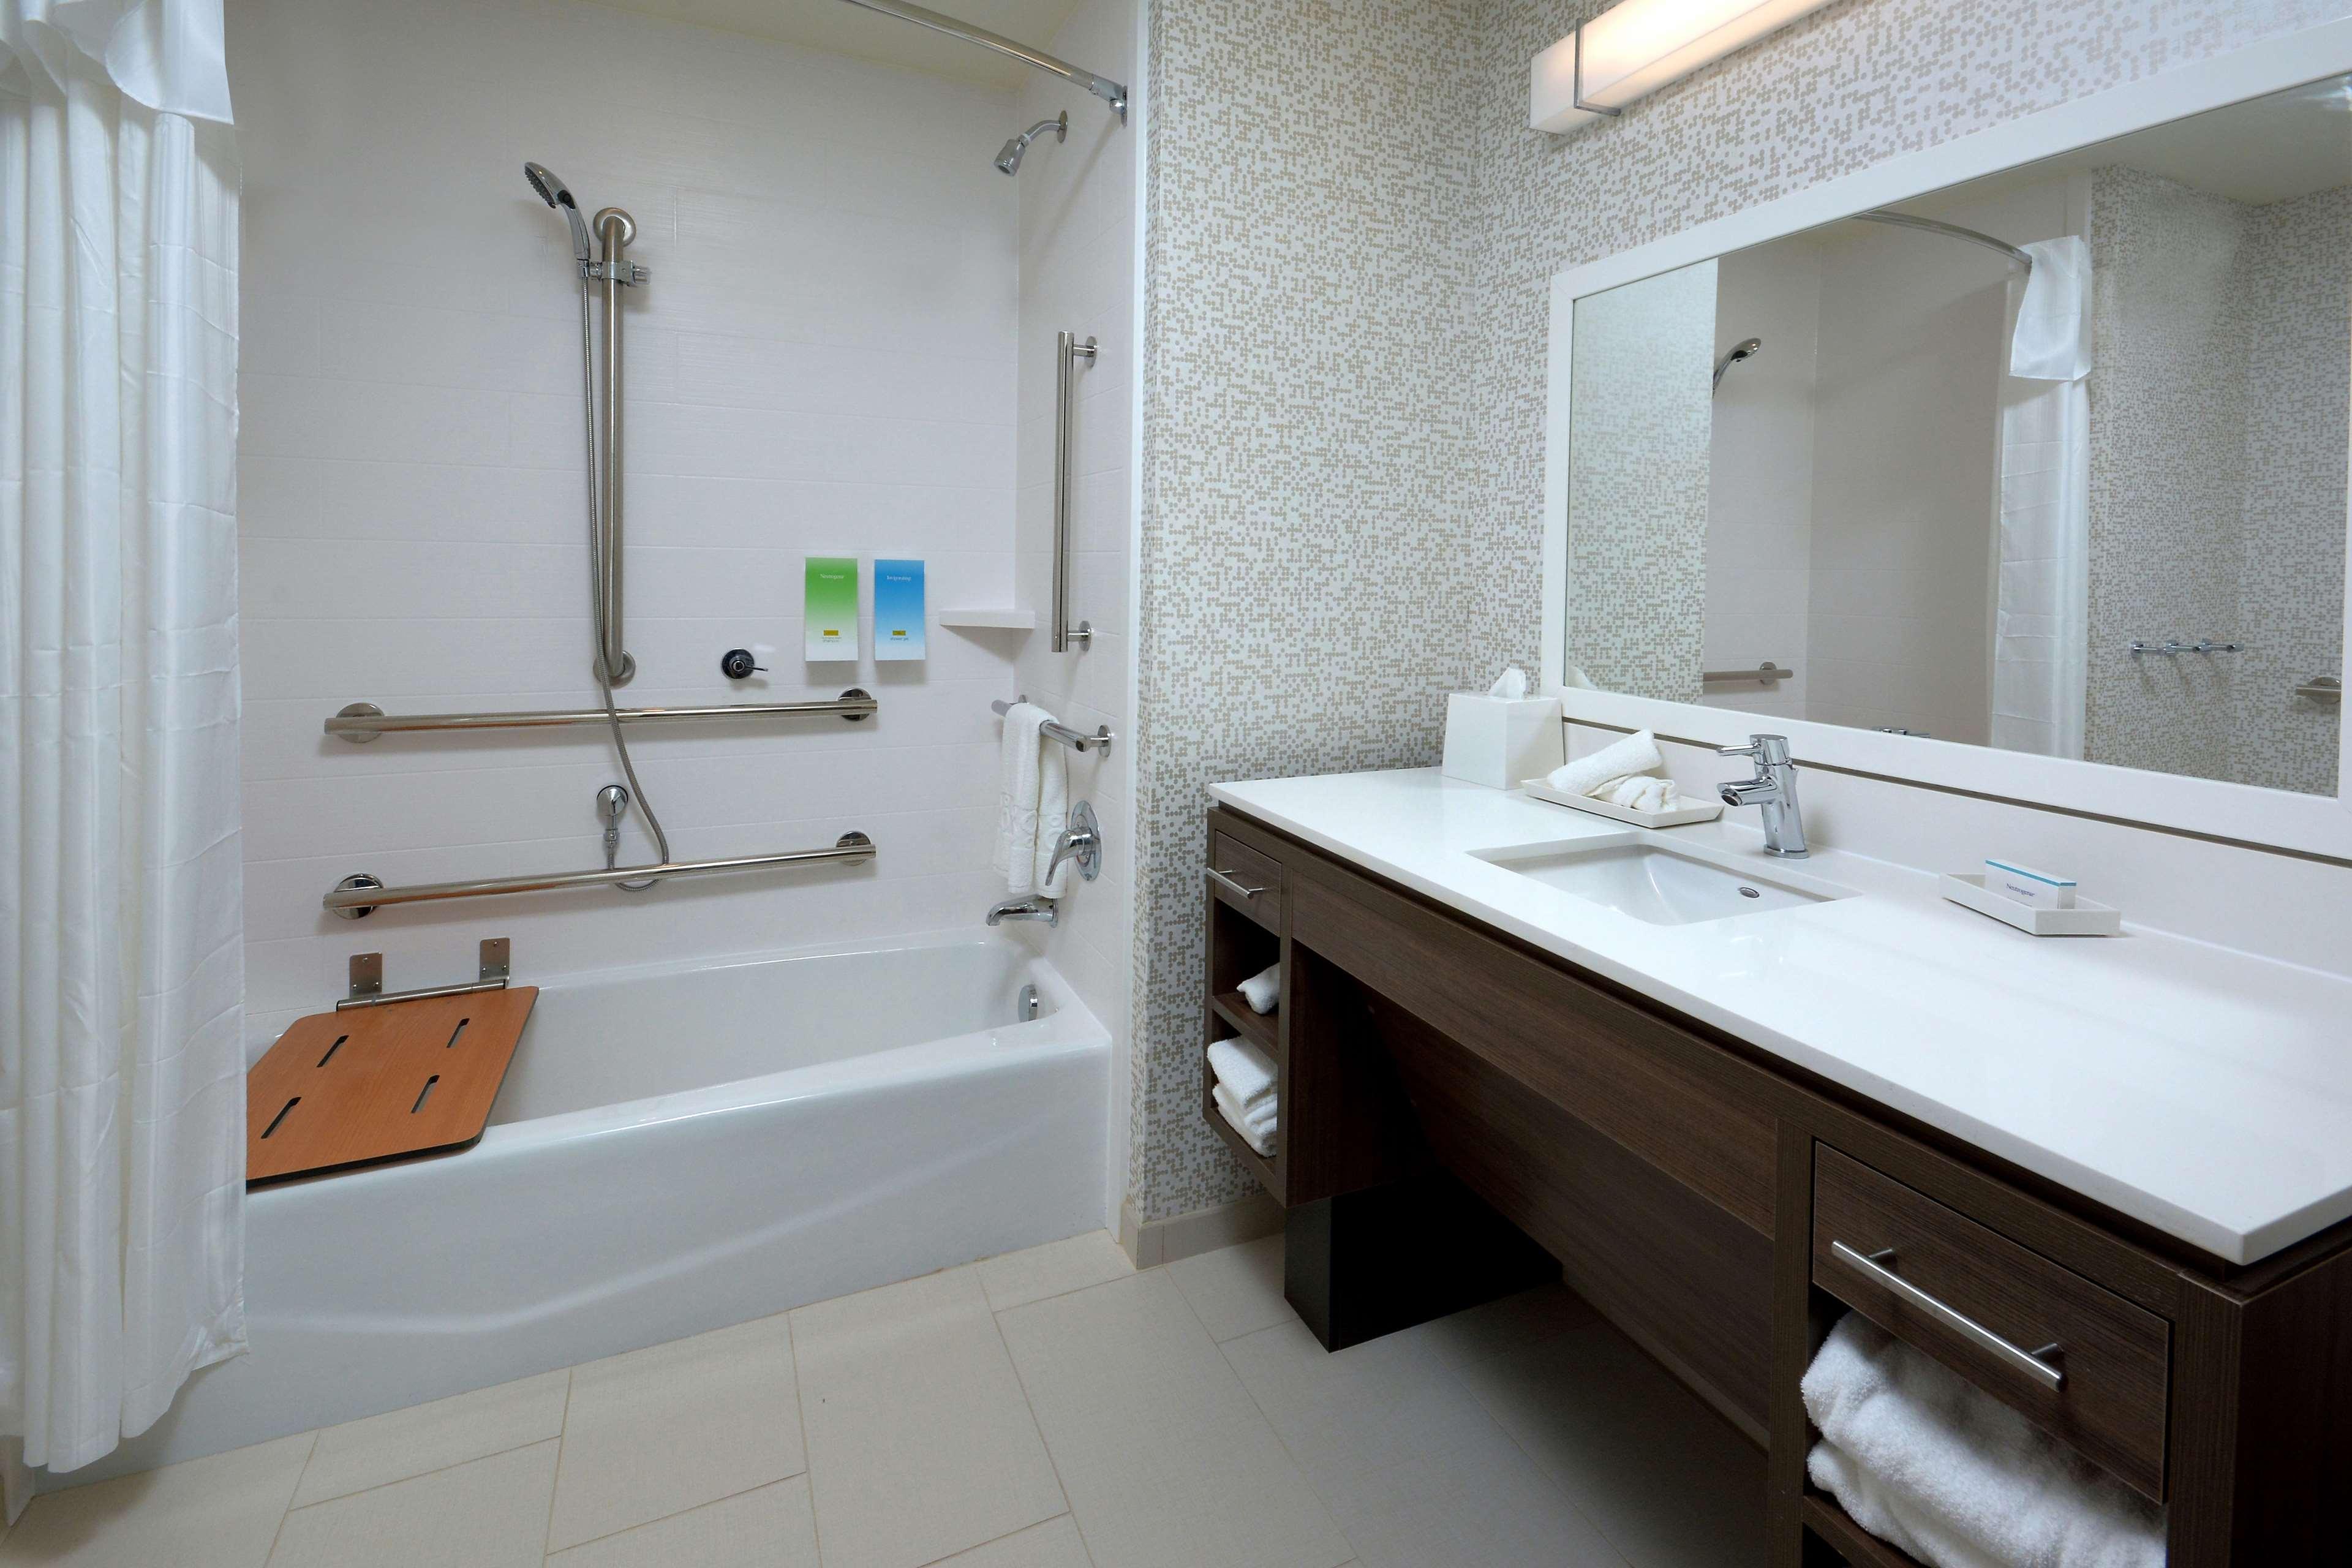 Home2 Suites by Hilton Duncan image 26